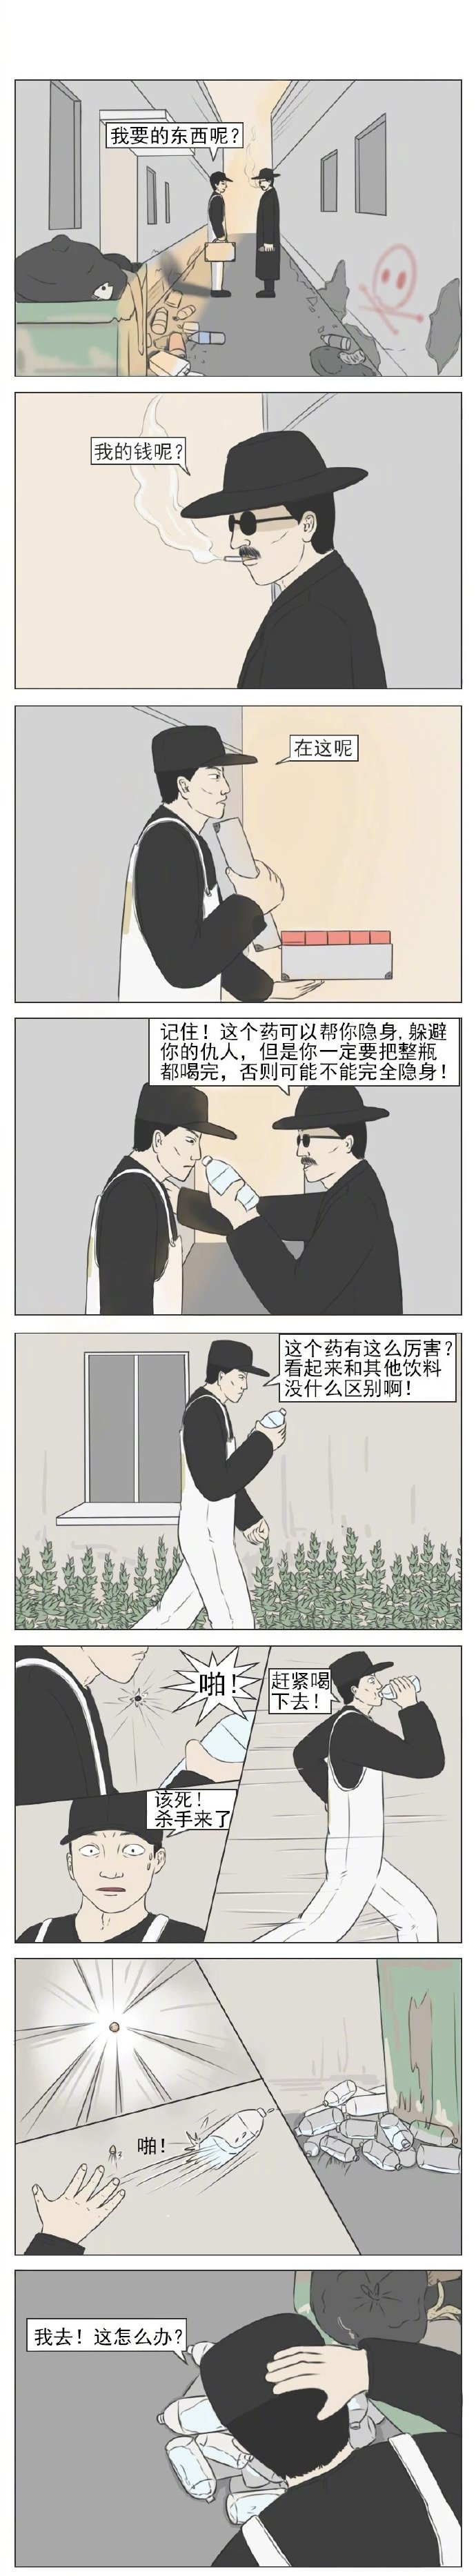 【Big笑工坊唐唐频道】漫画剧情+gif图片的创新组合演绎神脑洞系列漫画 趣事儿 第2张